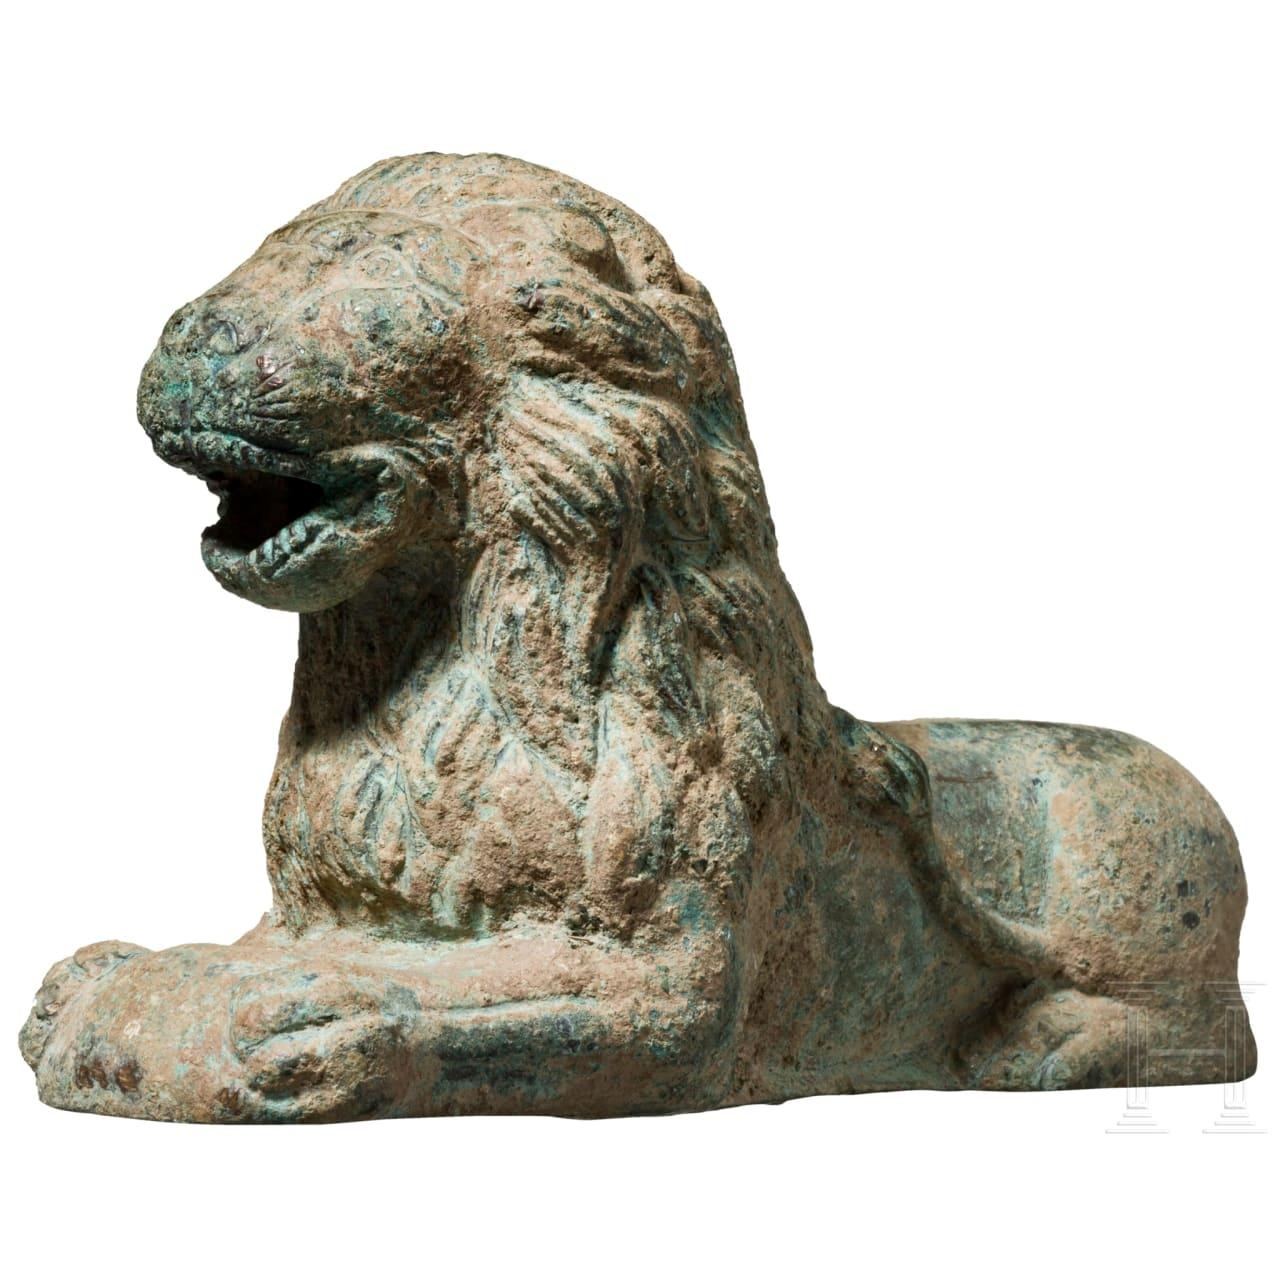 Bronzeskulptur eines liegenden Löwen, 15. Jhdt.